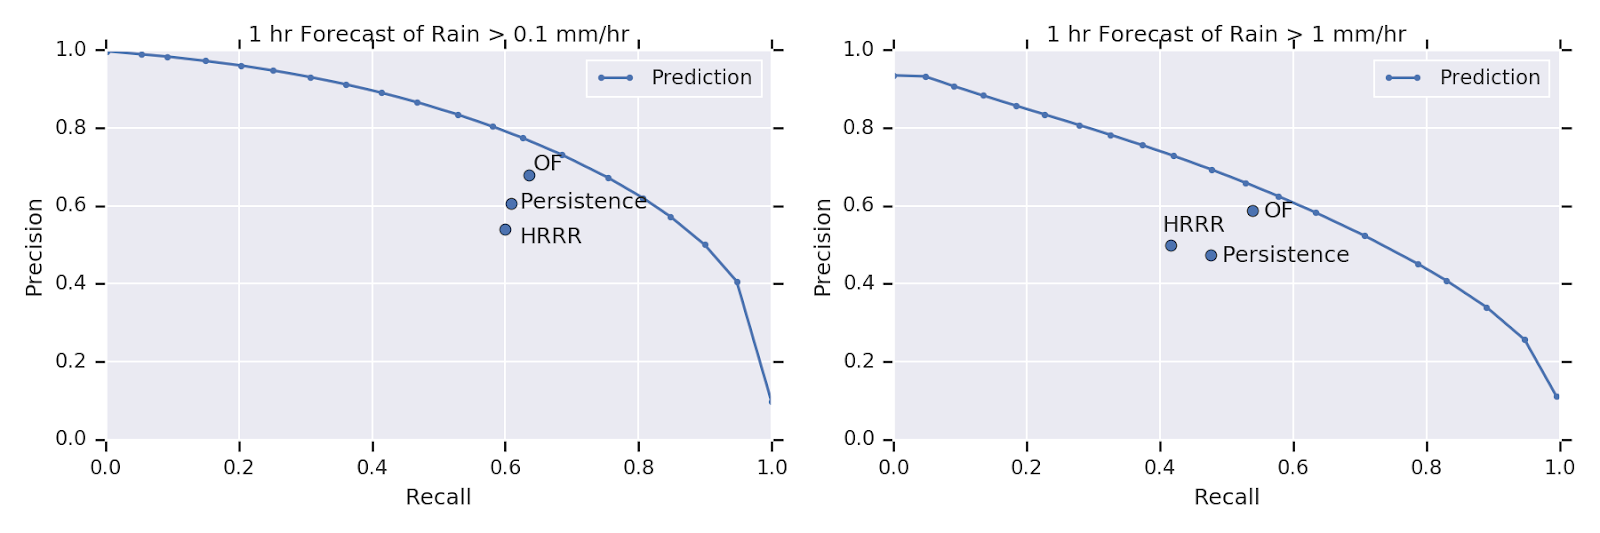 Google поделился исследованиями ML, посвященными прогнозам осадков